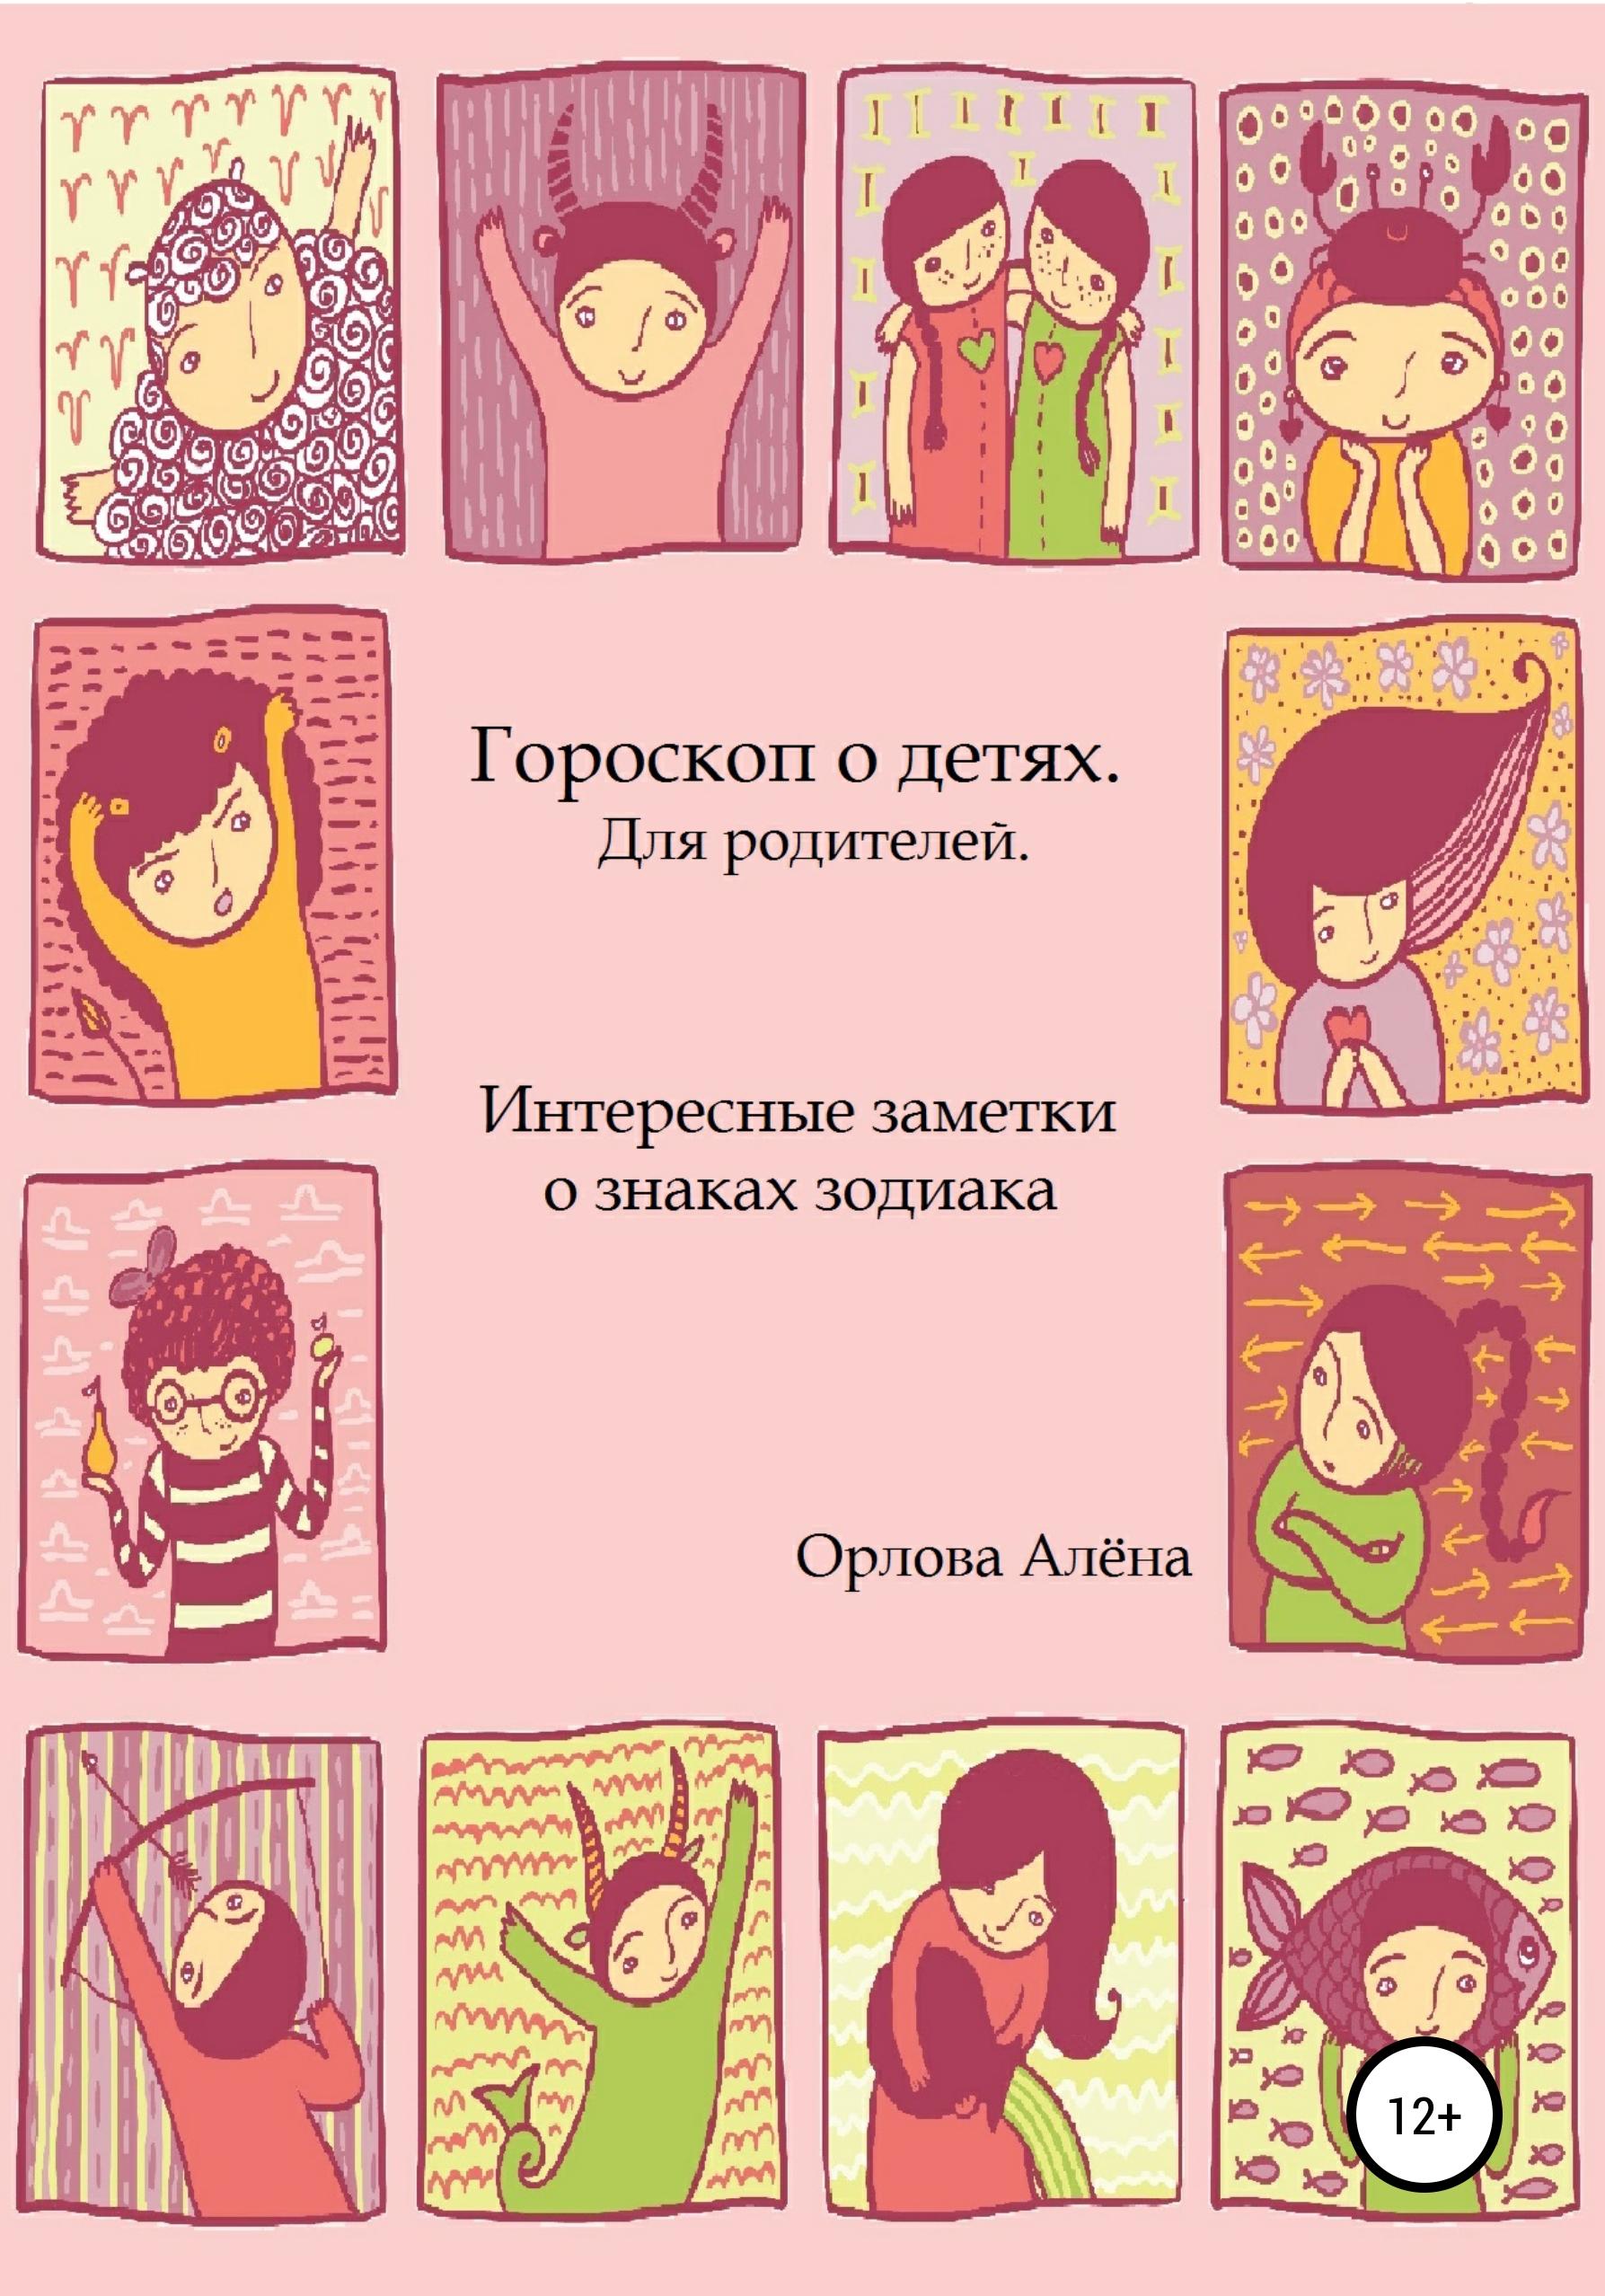 Алёна Игоревна Орлова Гороскоп о детях. Для родителей. Интересные заметки о знаках зодиака подарки по знаку зодиака